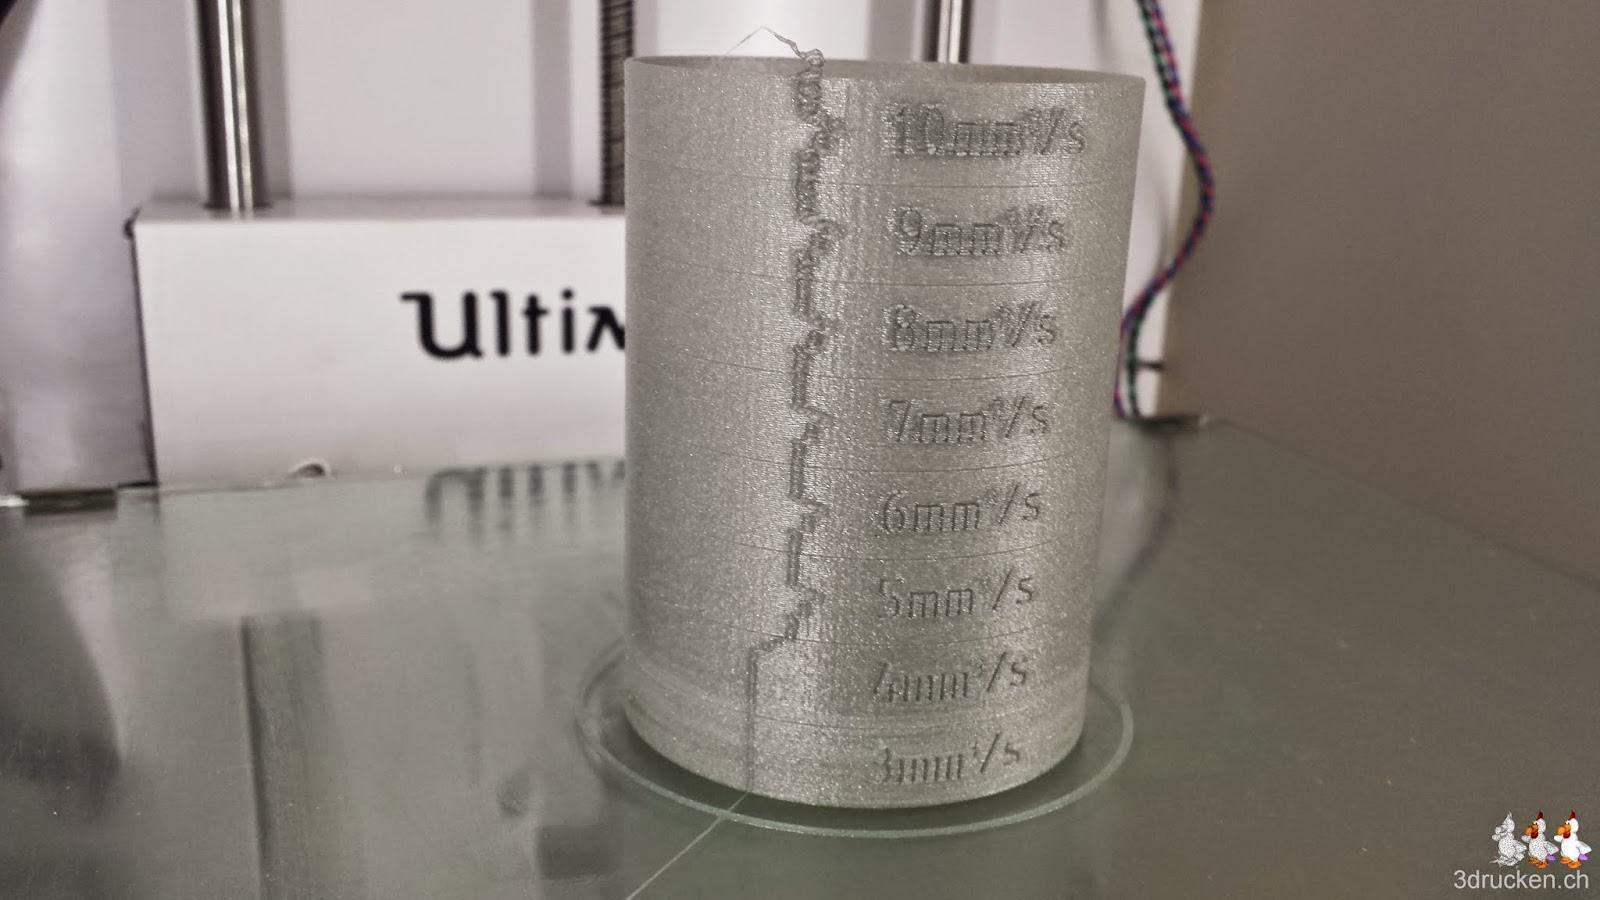 Foto des mit der neu montierten Düse des Ultimaker Original erfolgreich fertig gedruckten Testzylinders aus silbernem PLA auf dem Ultimaker 2